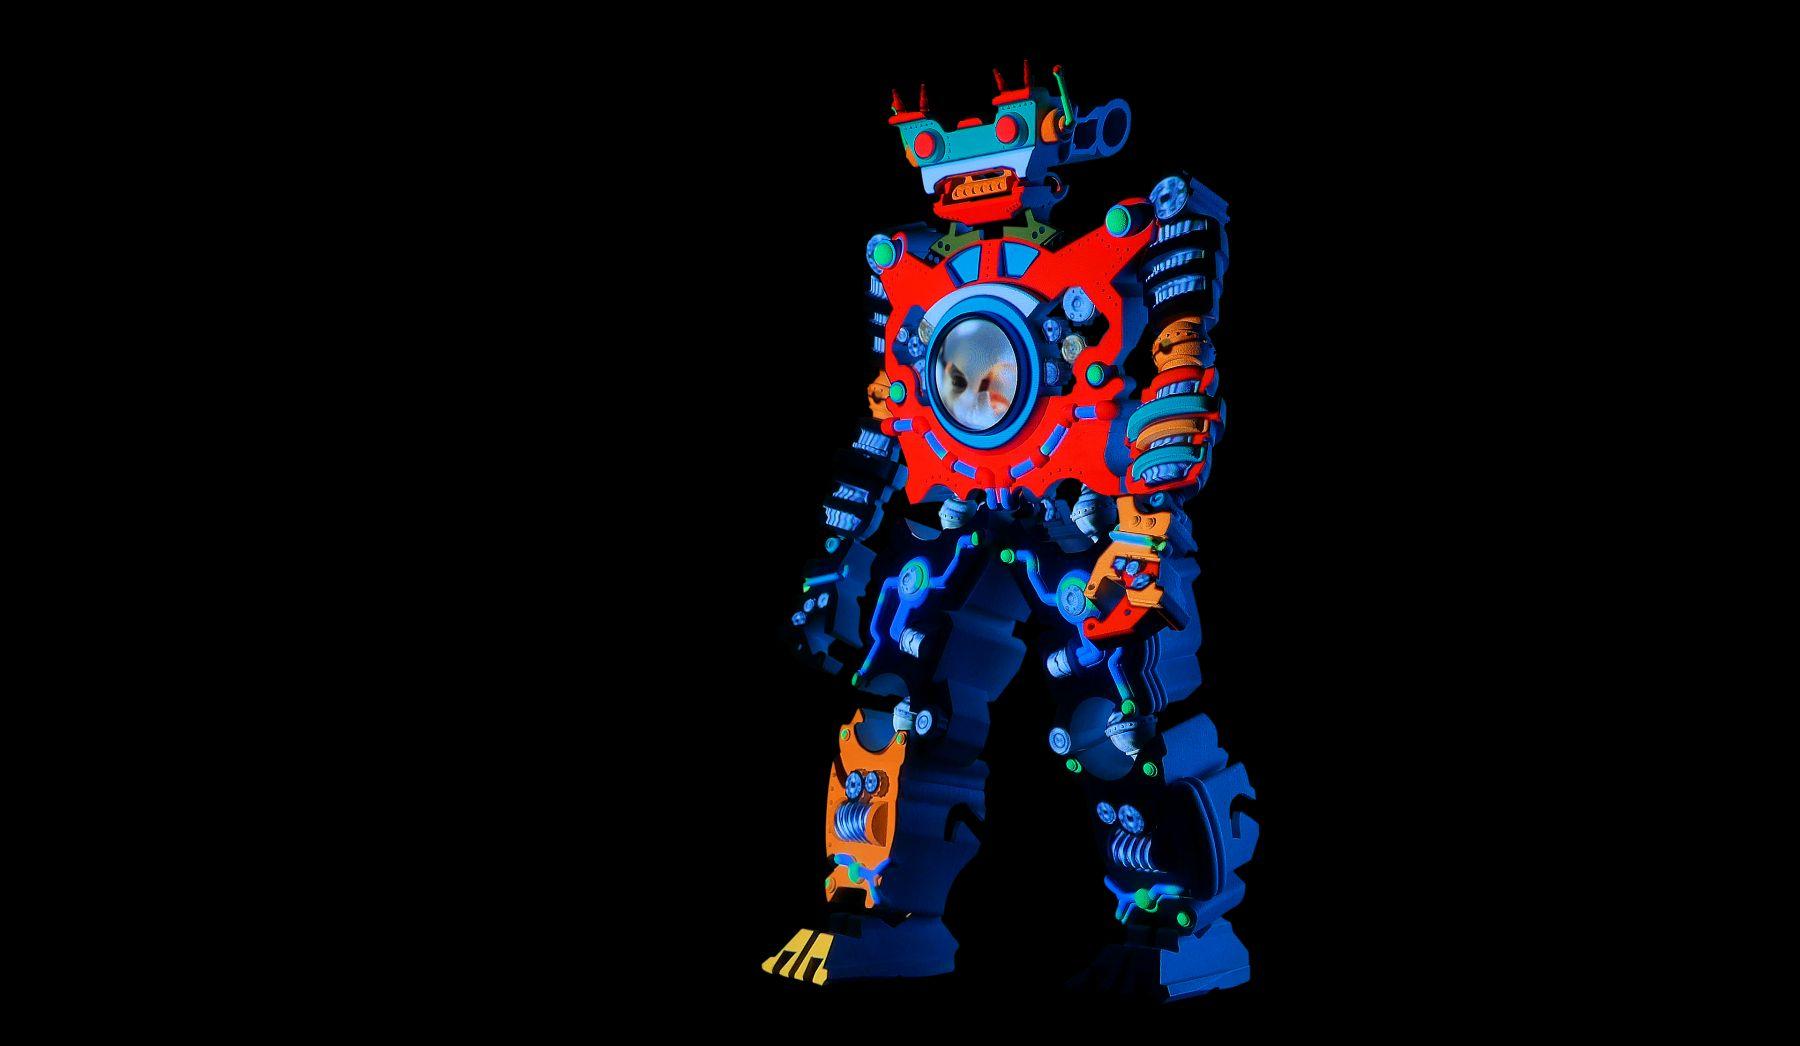 PETER SARKISIAN VideoMorphic Figure #5(Version 2) ON, 2013